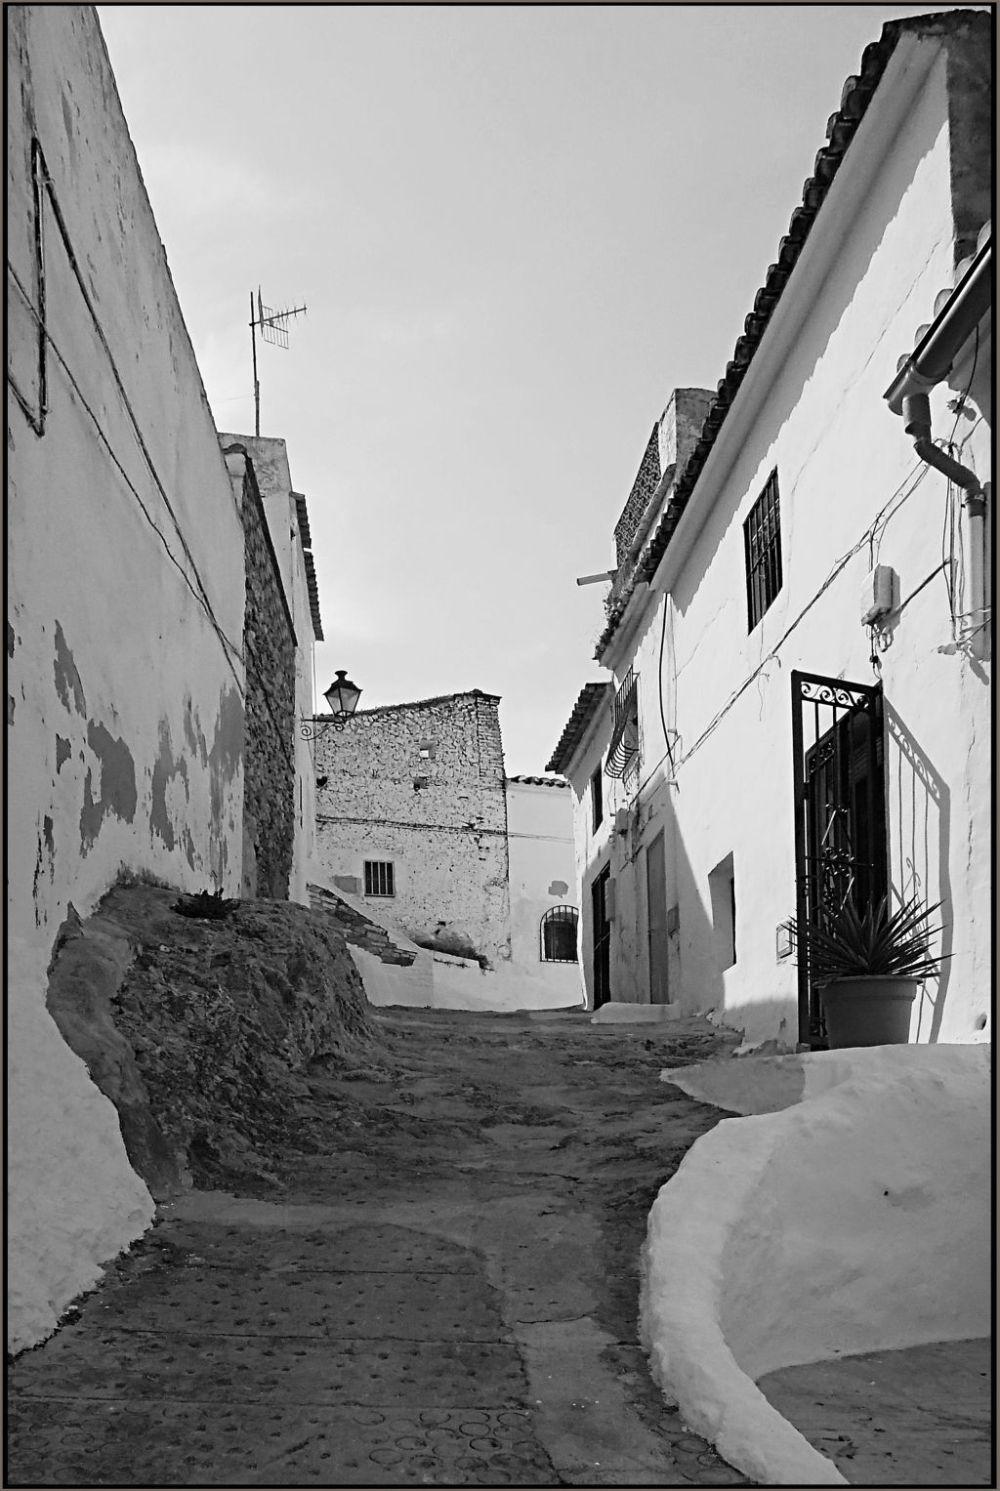 Calle de La Hoz en Oliva OldTown